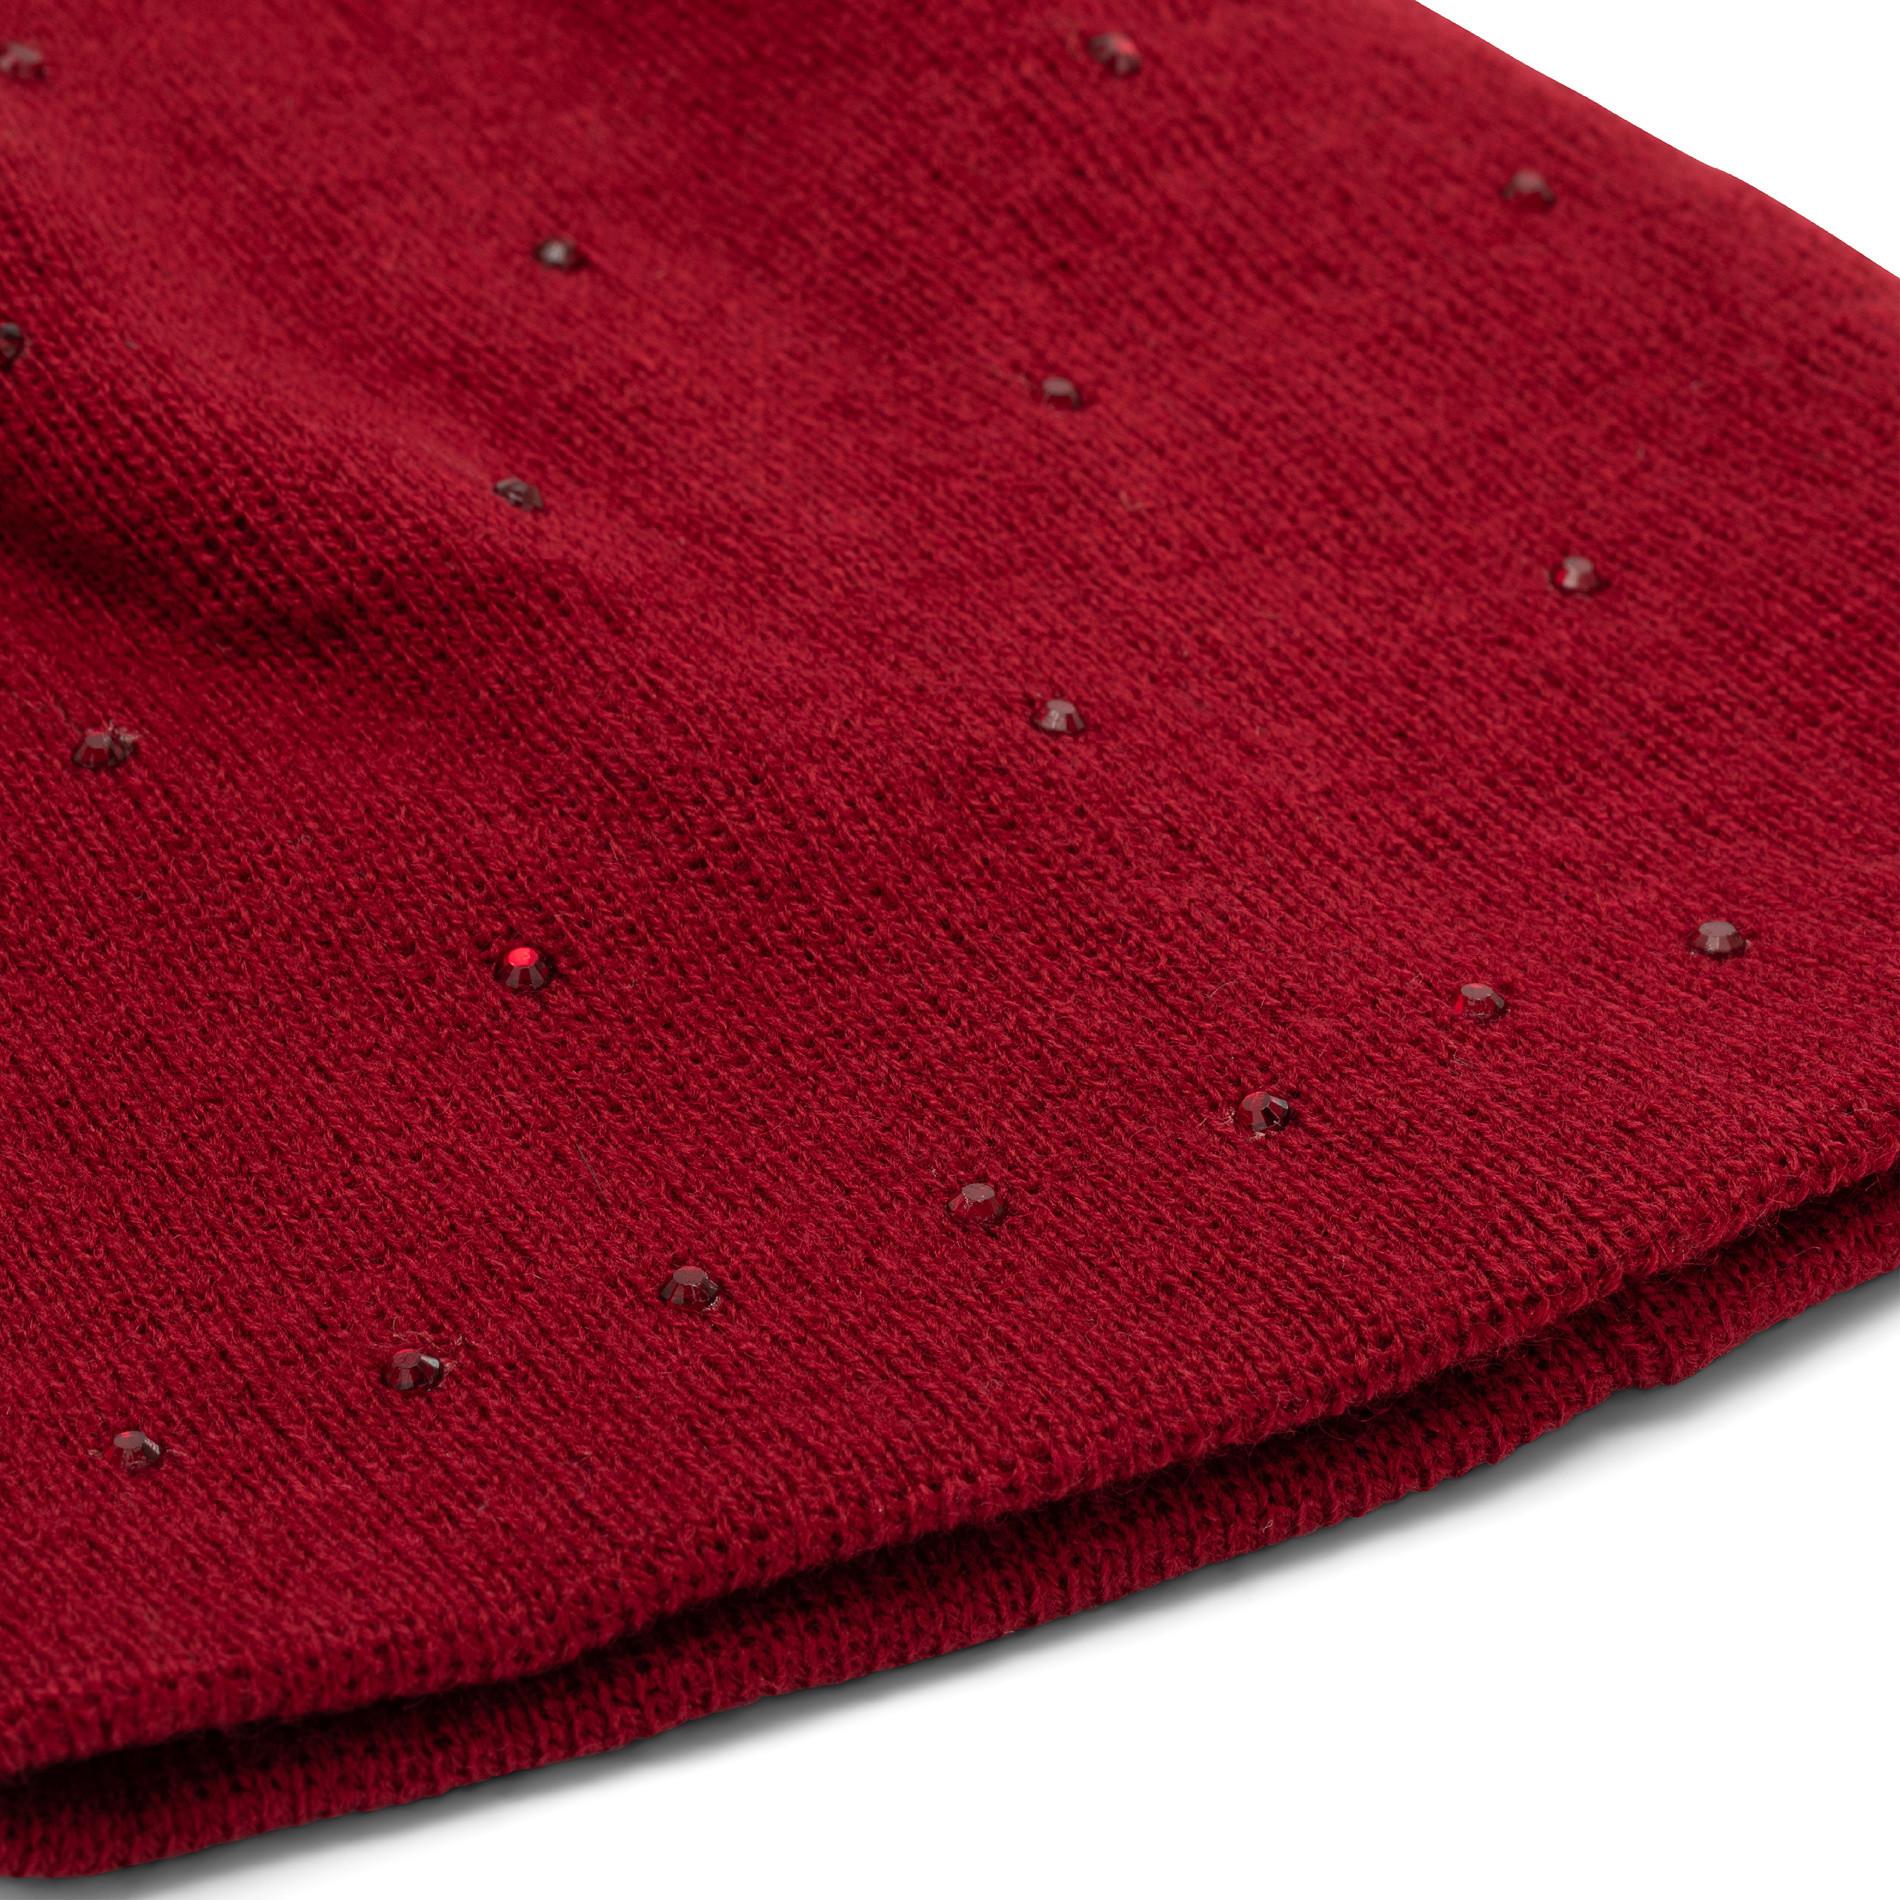 Berretto con strass Koan, Rosso scuro, large image number 1